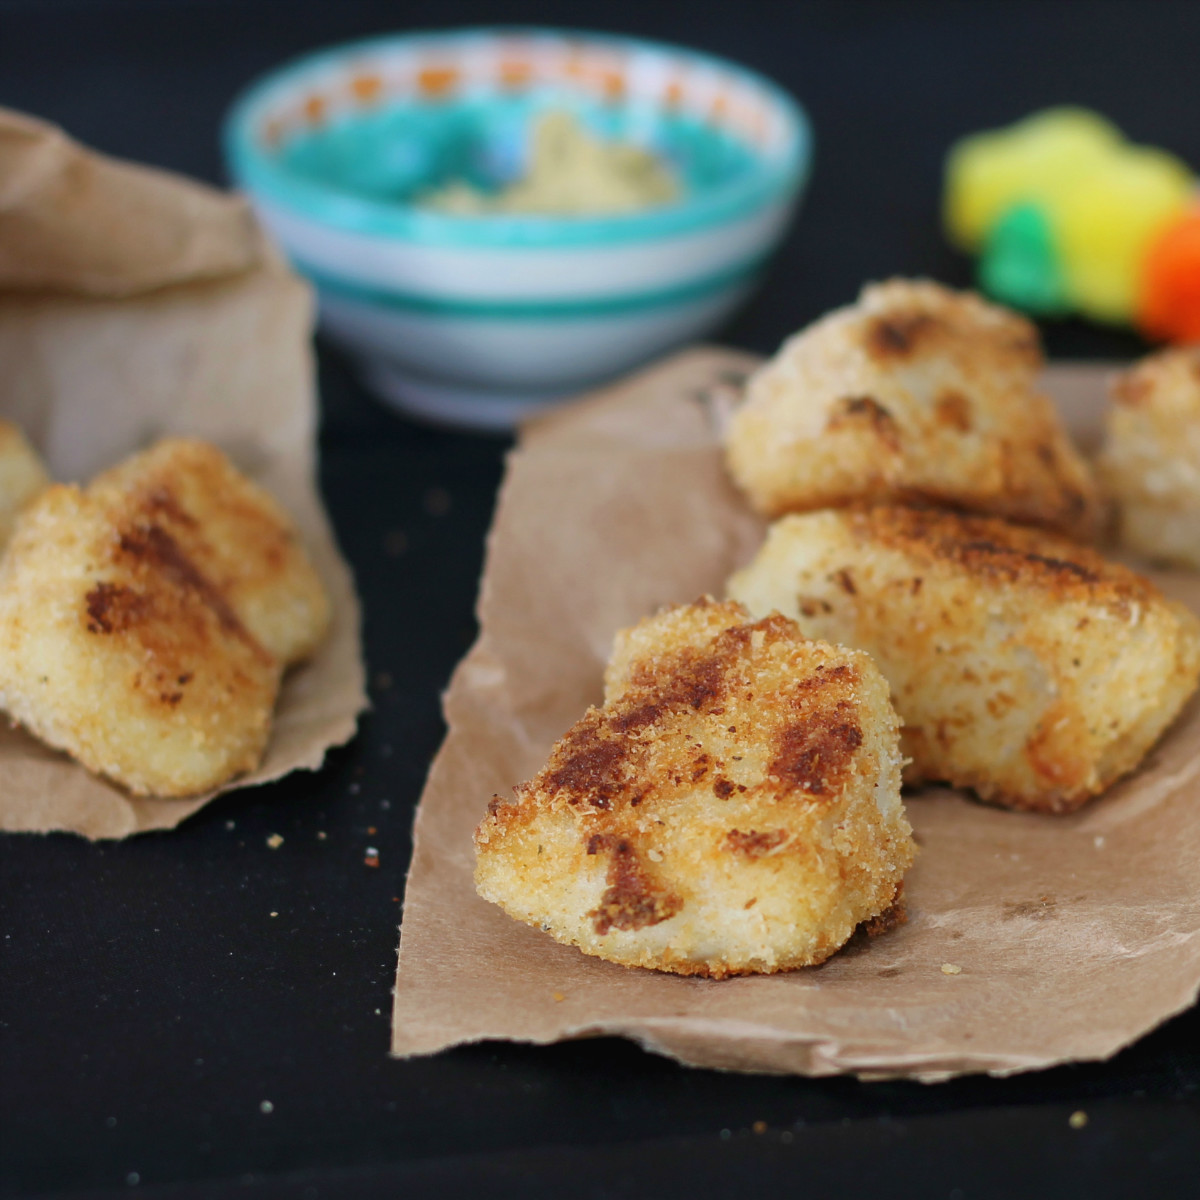 CROCCHETTE DI MERLUZZO ricetta crocchette di pesce fritte e al forno